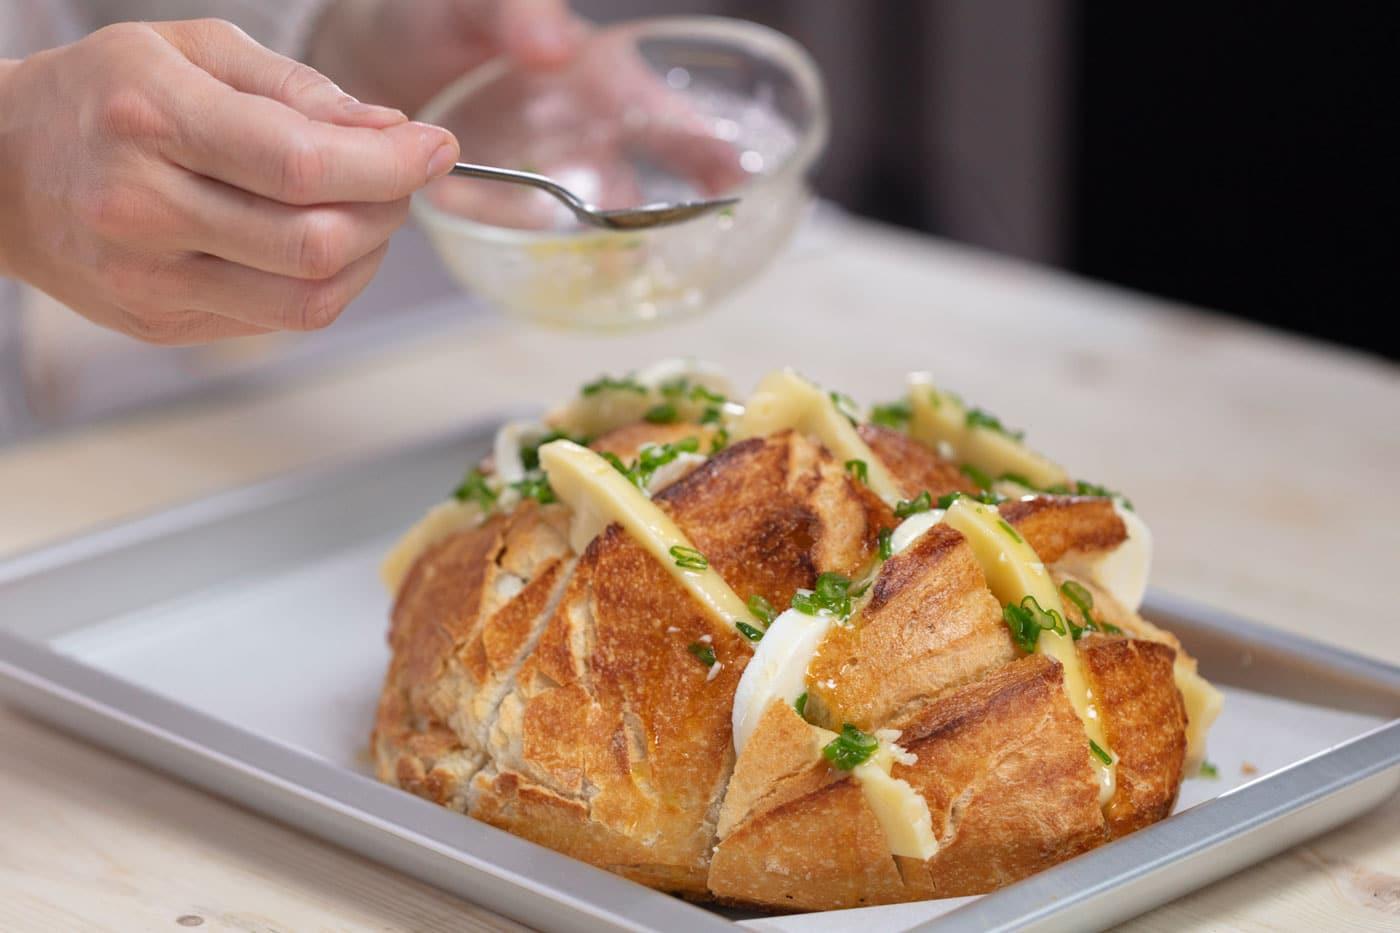 zapeceni hleb sa topljenim sirom